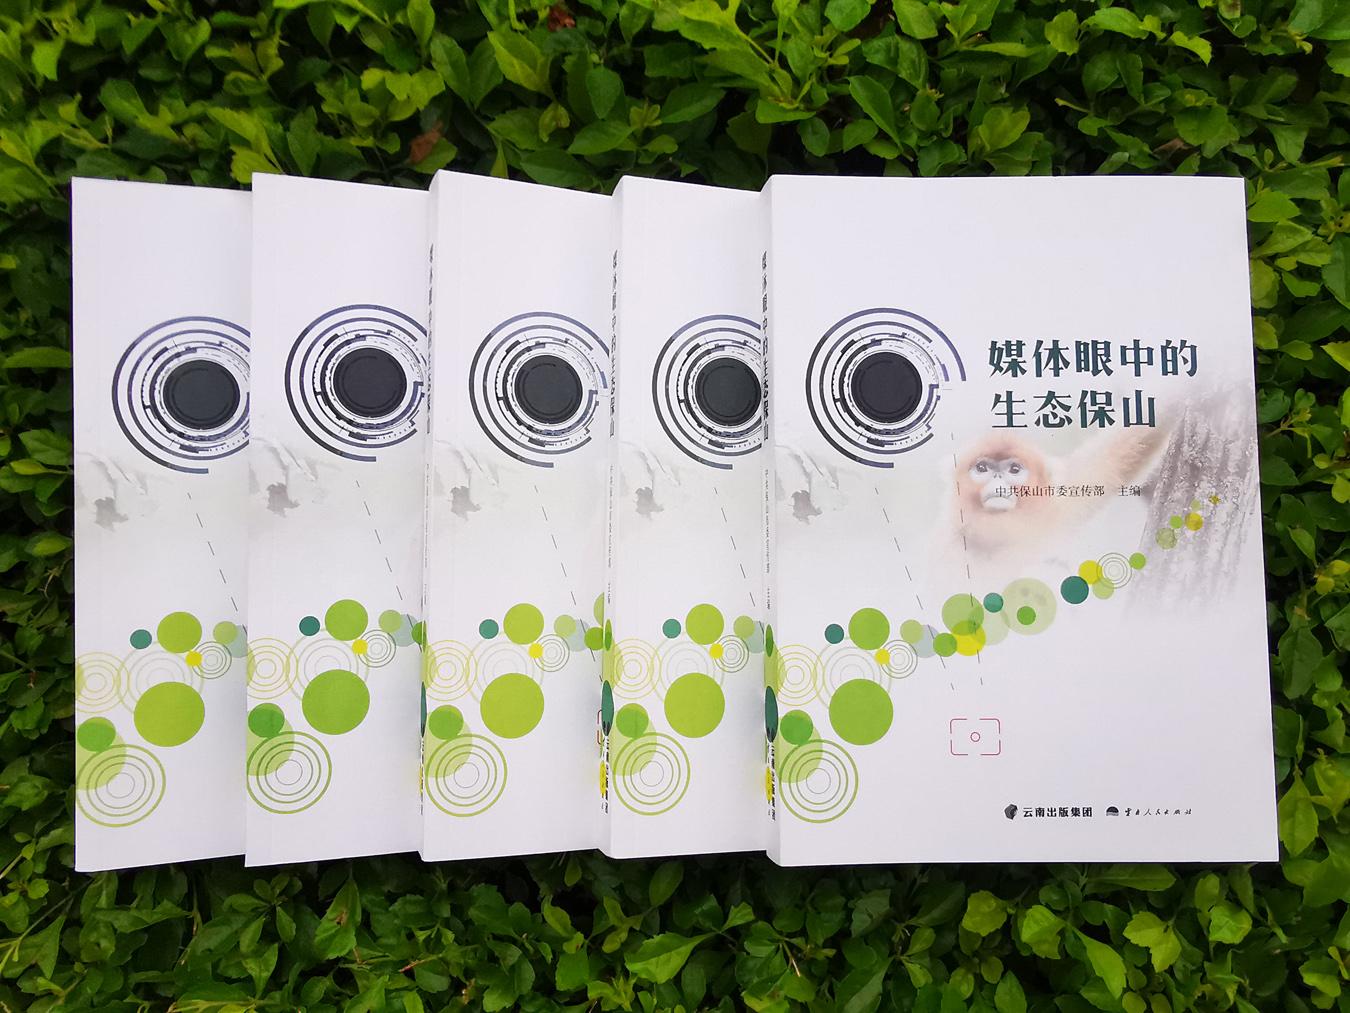 描绘保山青山绿水!《媒体眼中的生态保山》一书出版